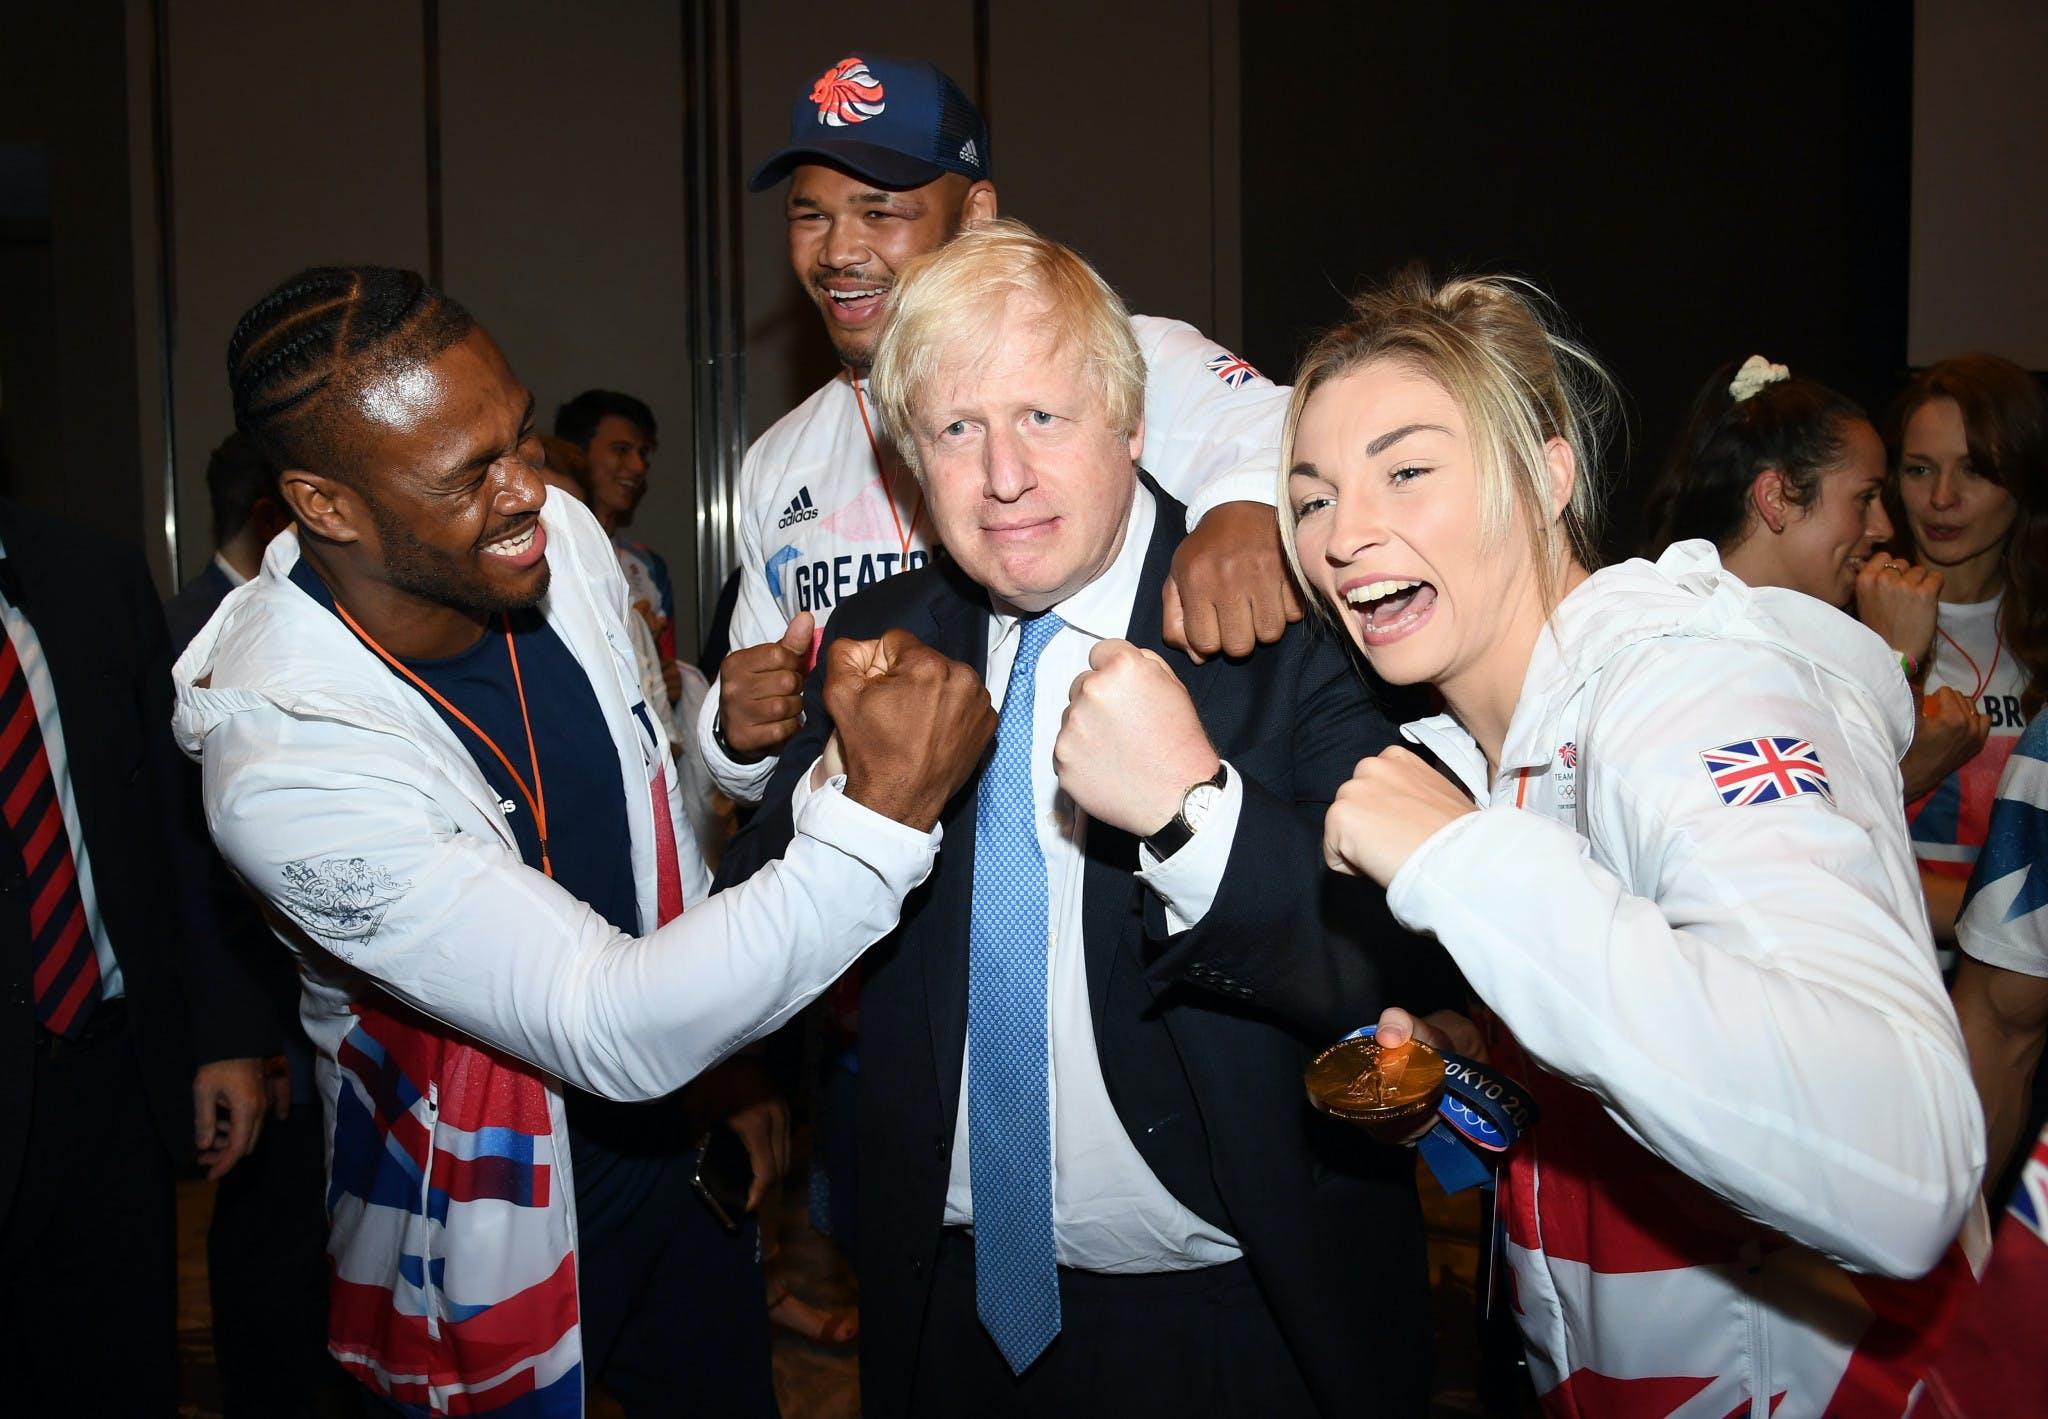 Επένδυση 232 εκατομμυρίων λιρών στην Ολυμπιακή ομάδα ενόψει Παρισιού από τη Βρετανική κυβέρνηση